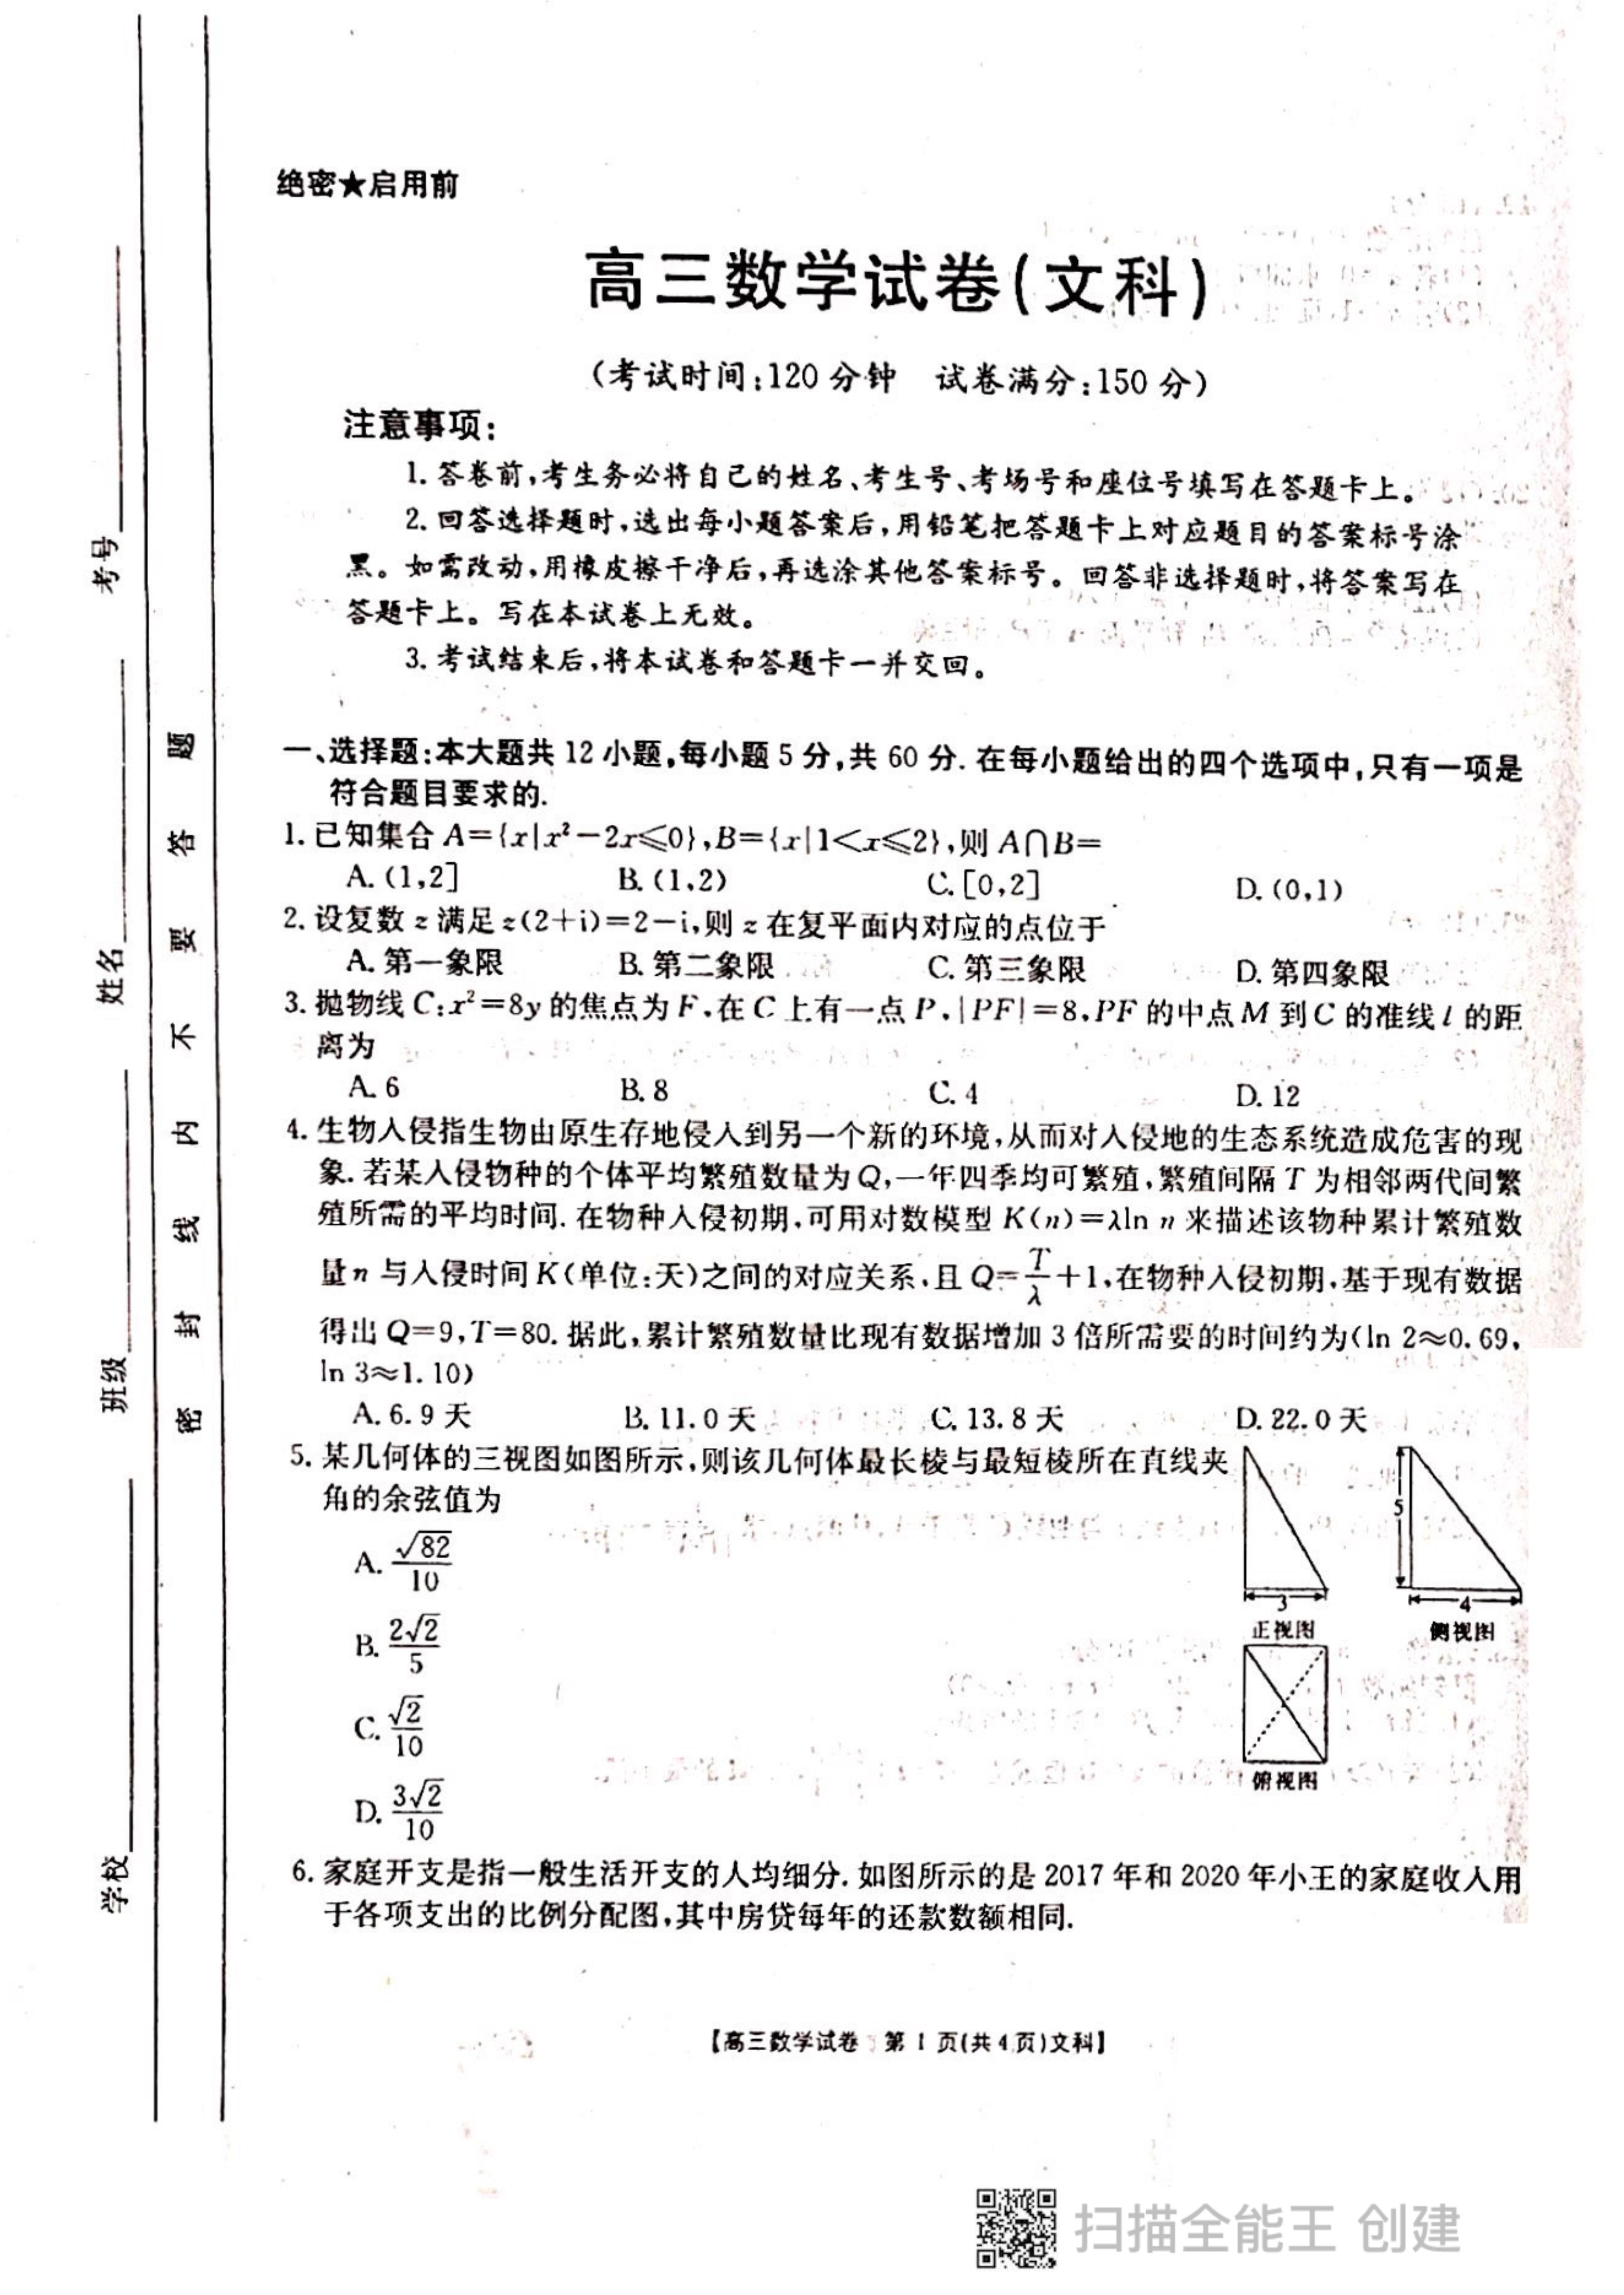 《KS5U发布》甘肃省天水市一中2020-2021学年高一下学期第二阶段(期中)考试数学试题 Word版含答案